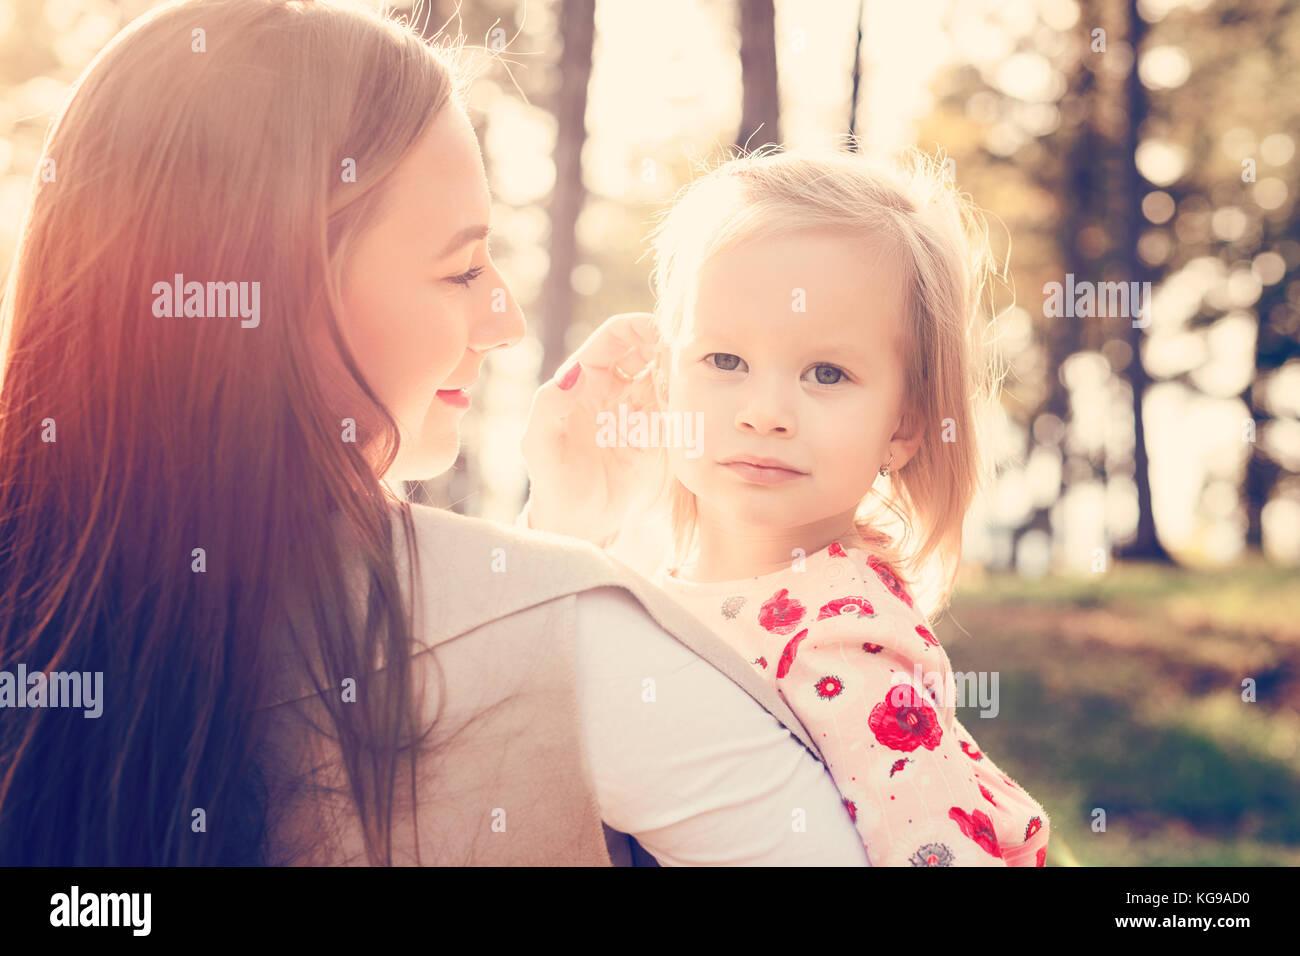 Madre soltera joven celebración lindo infante hija en sus brazos y acariciar su cabello, girl power concept, Imagen De Stock